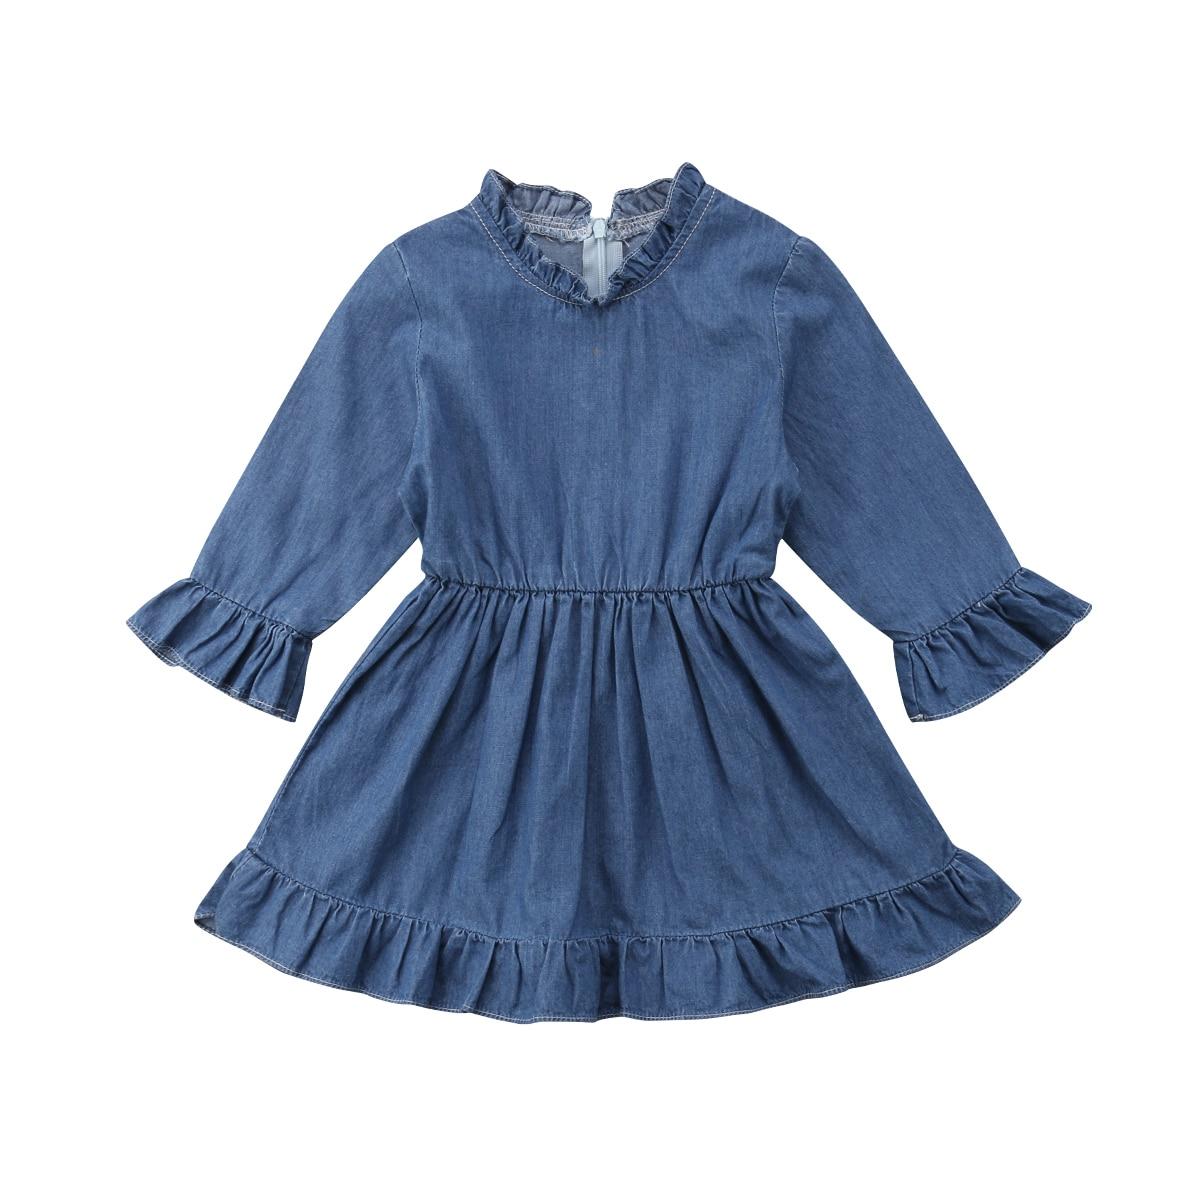 0-18 Mt Neugeborenen Baby Mädchen Denim Kleid Langarm Rüschen Prinzessin Kinder Mini Kleider Sommerkleid Kleidung